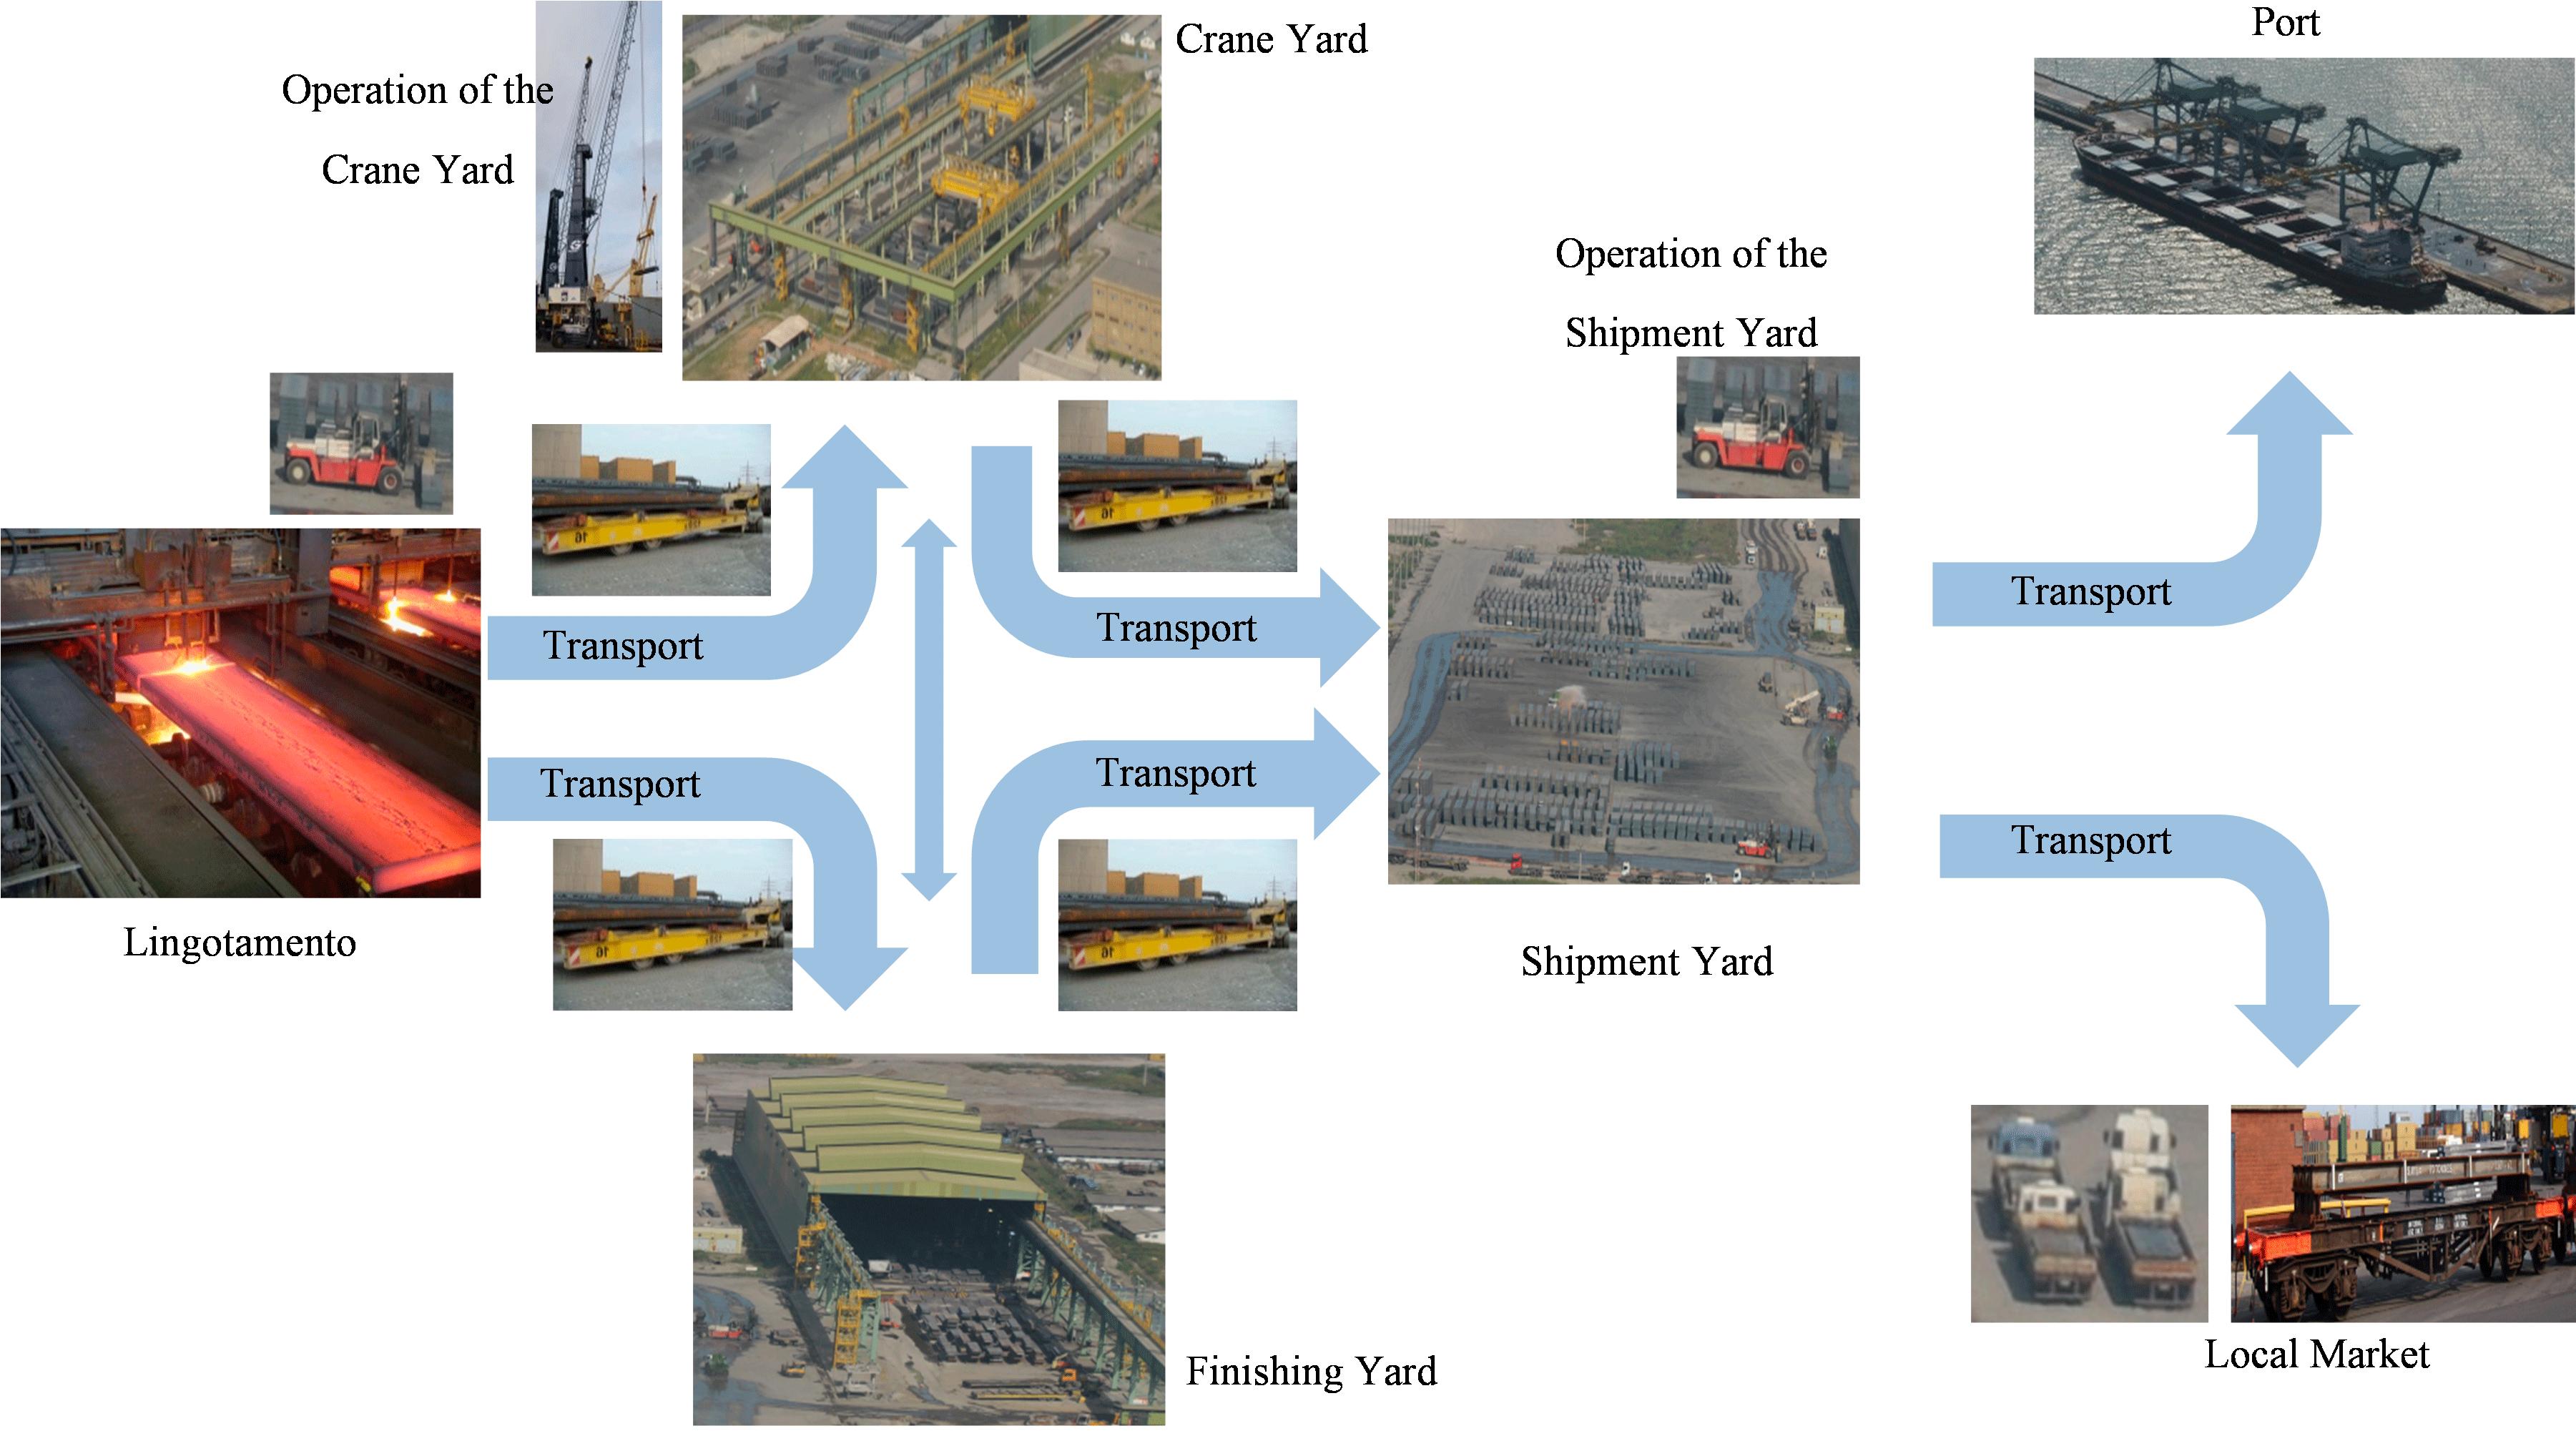 Diagrama do fluxo logístico